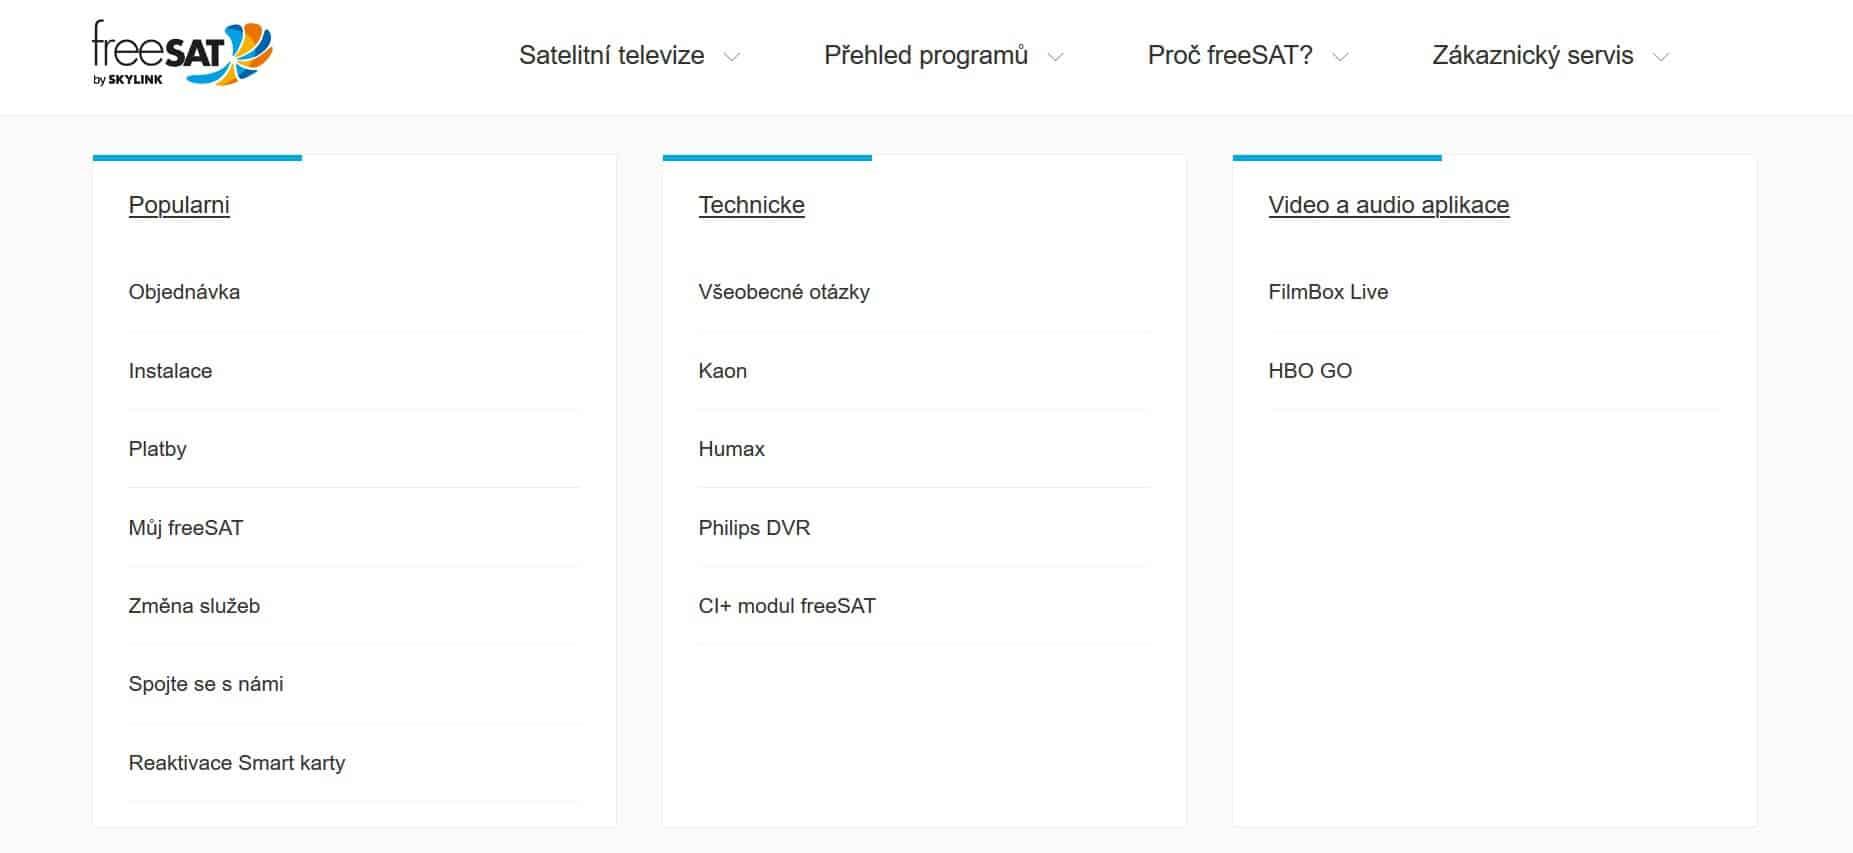 freeSAT klientský servis